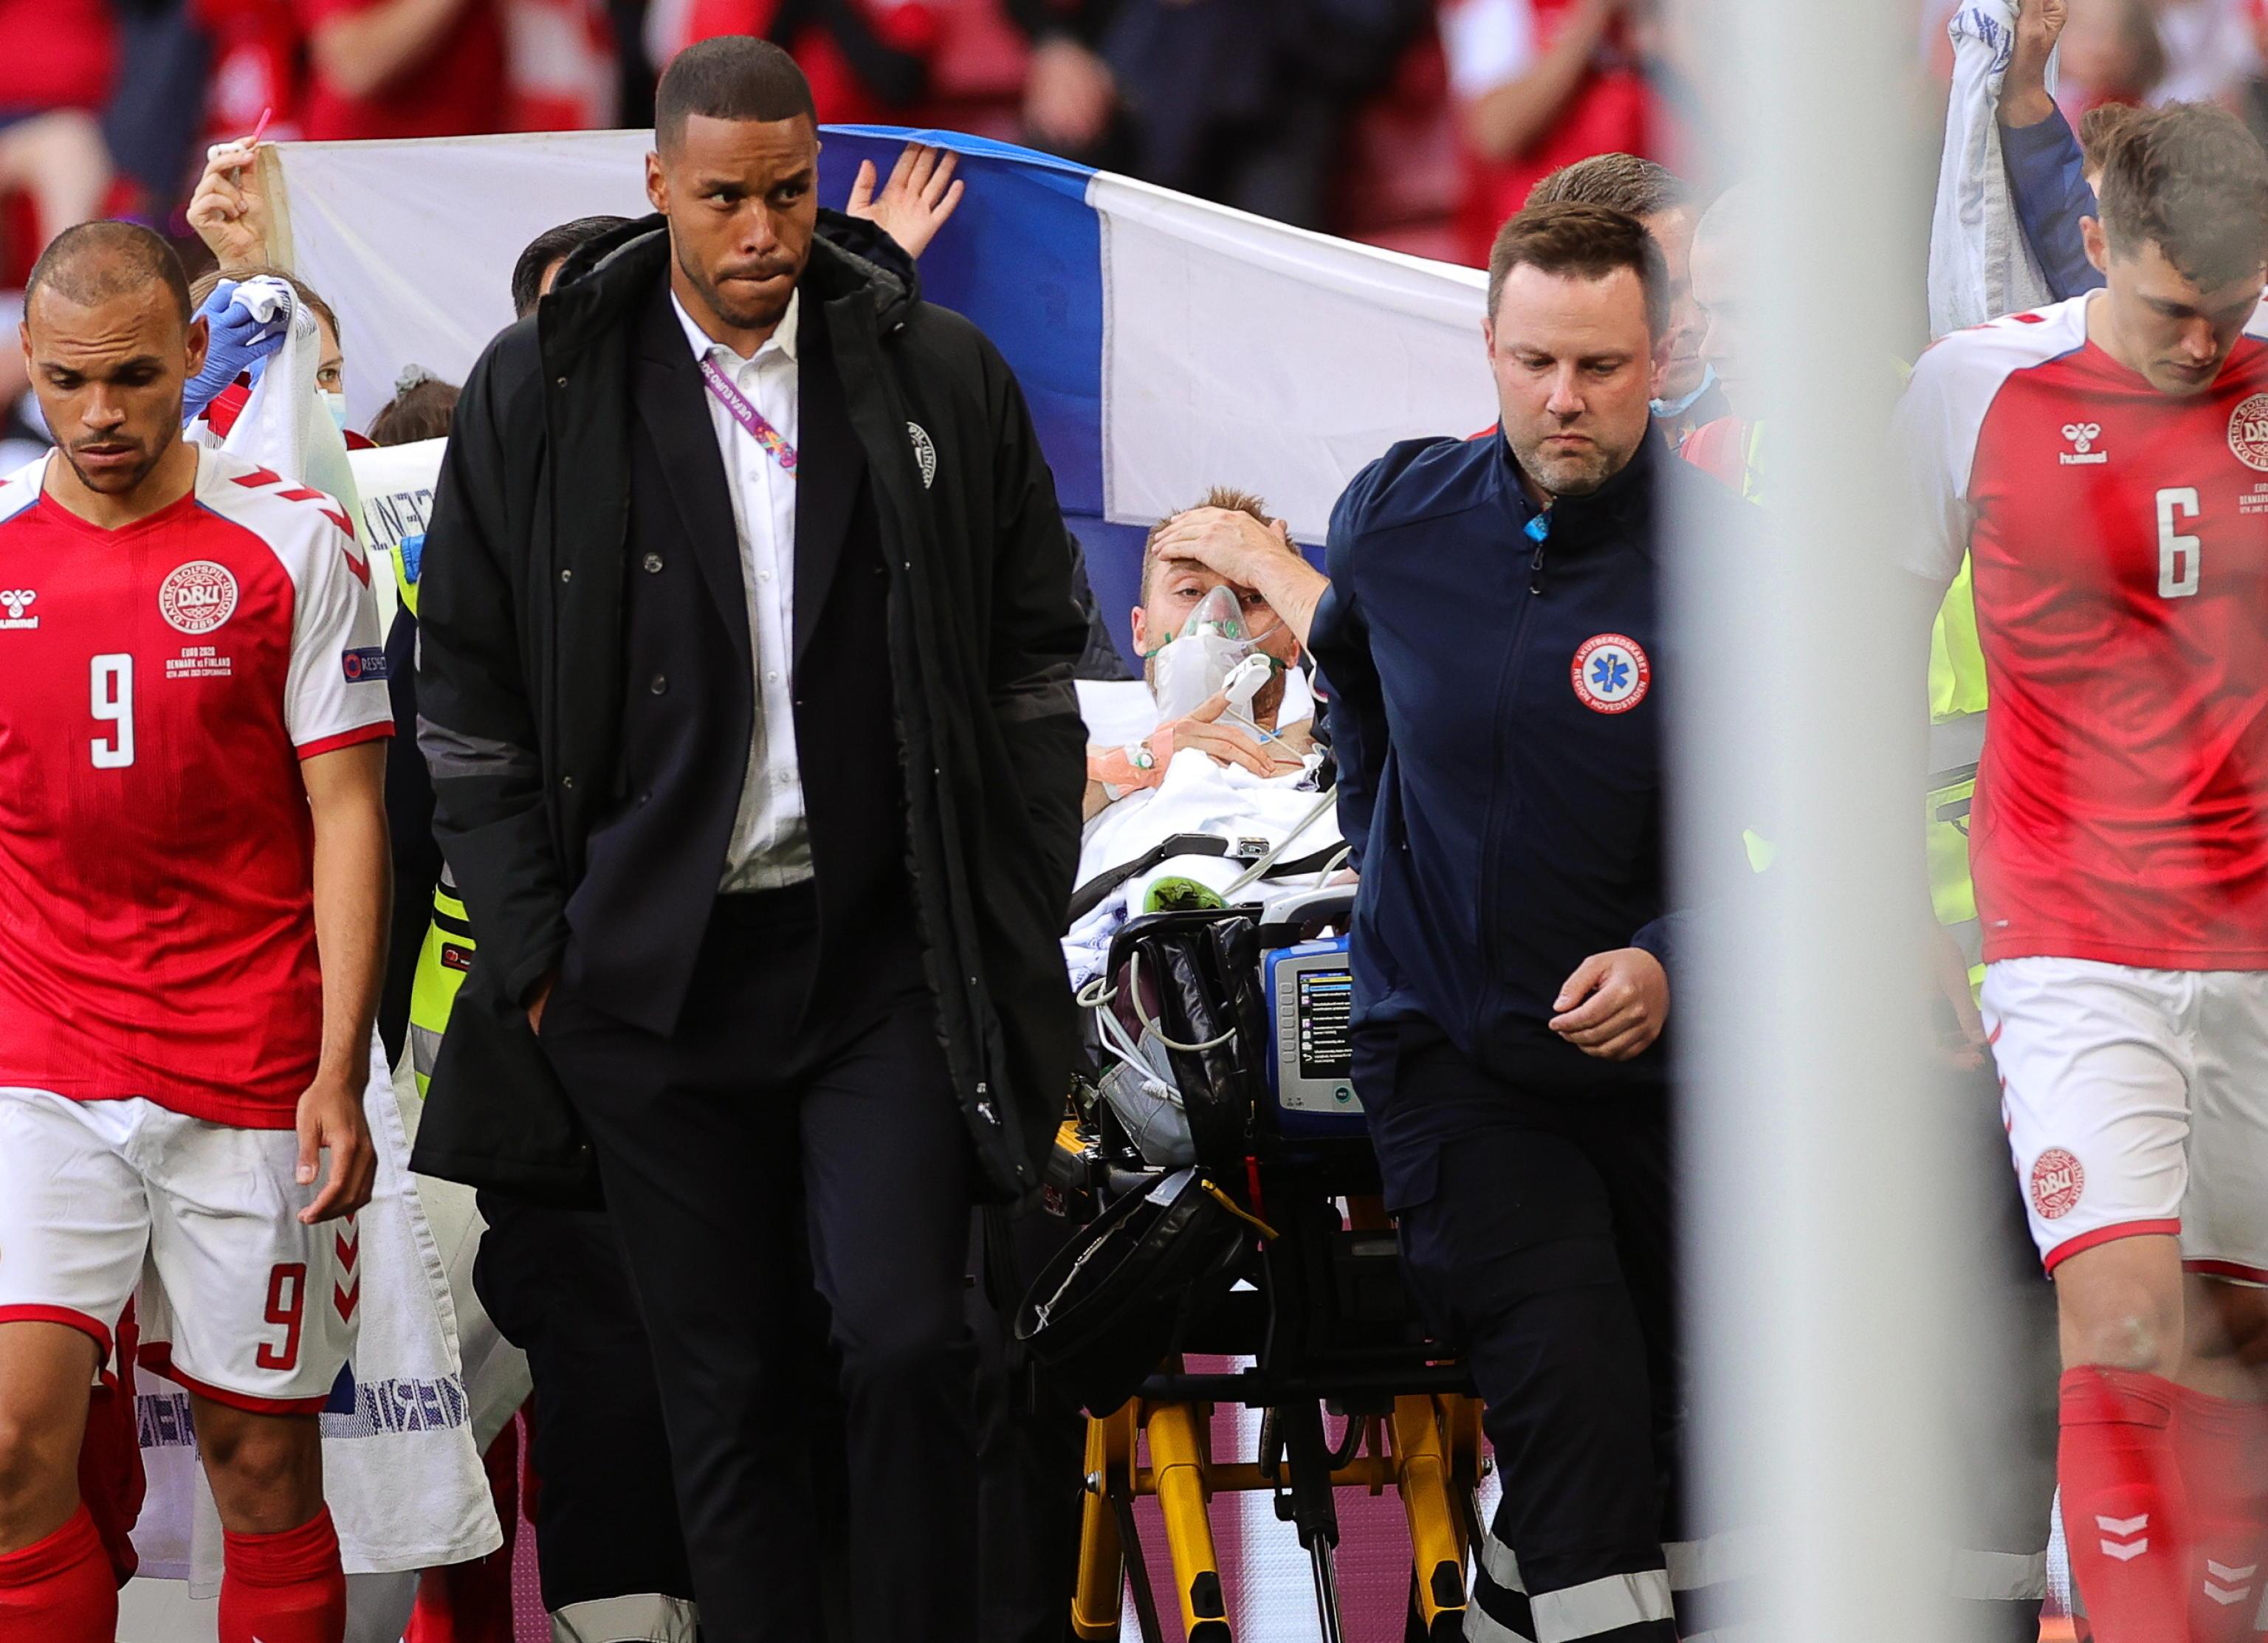 Come sta Eriksen? Il punto sulle condizioni dell'asso danese dopo il malore a Euro 2020. Il medico della squadra: «Si è aggrappato alla vita»